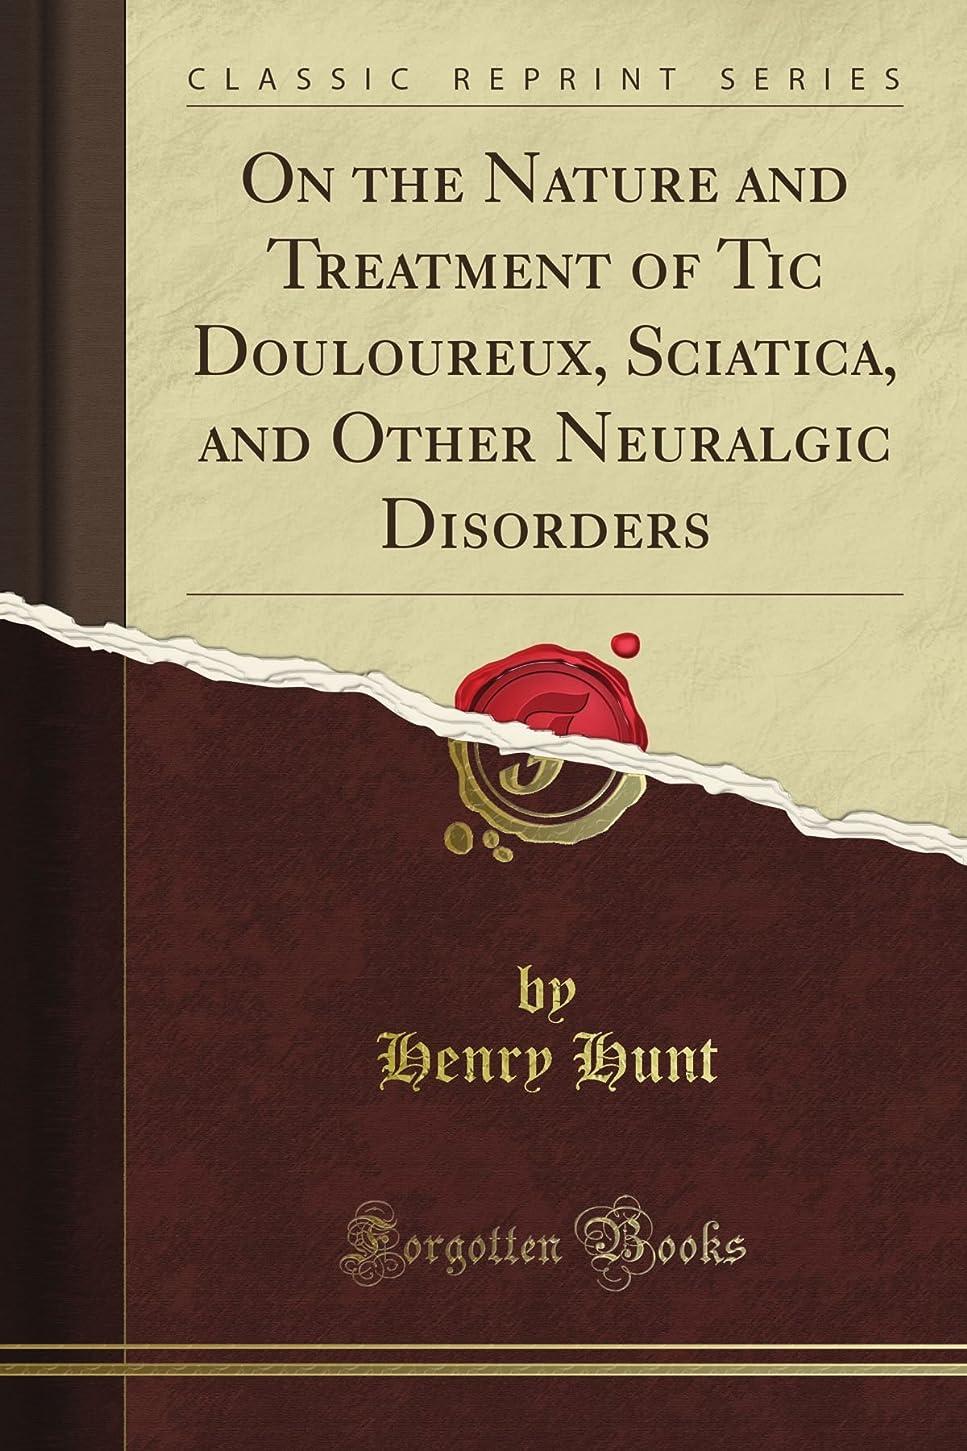 地下室フェローシップまっすぐOn the Nature and Treatment of Tic Douloureux, Sciatica, and Other Neuralgic Disorders (Classic Reprint)